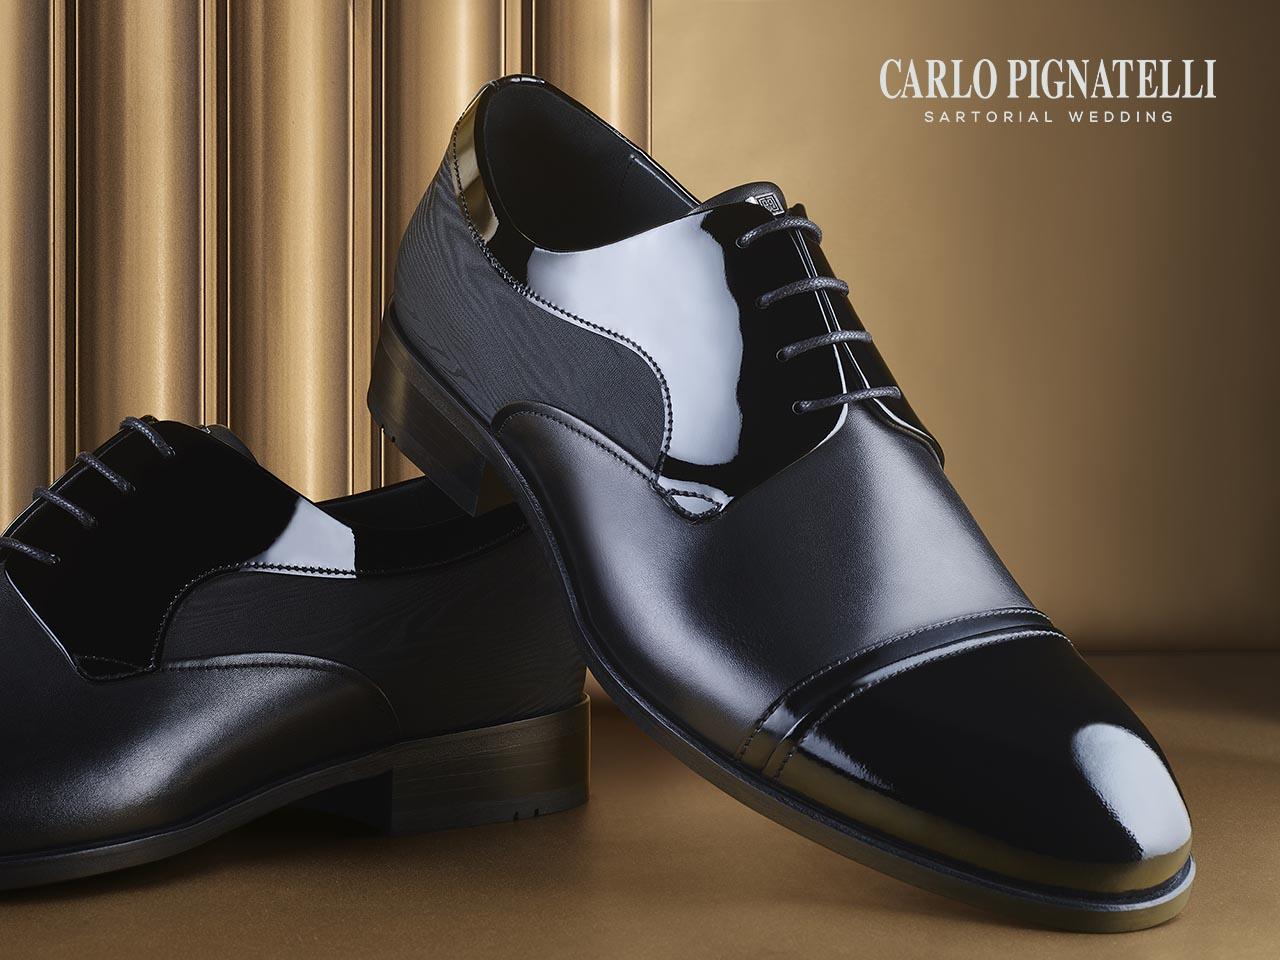 best service 1ba08 0f645 scarpe-carlo-pignatelli-accessori-2018 (4) - Ricci Sposo